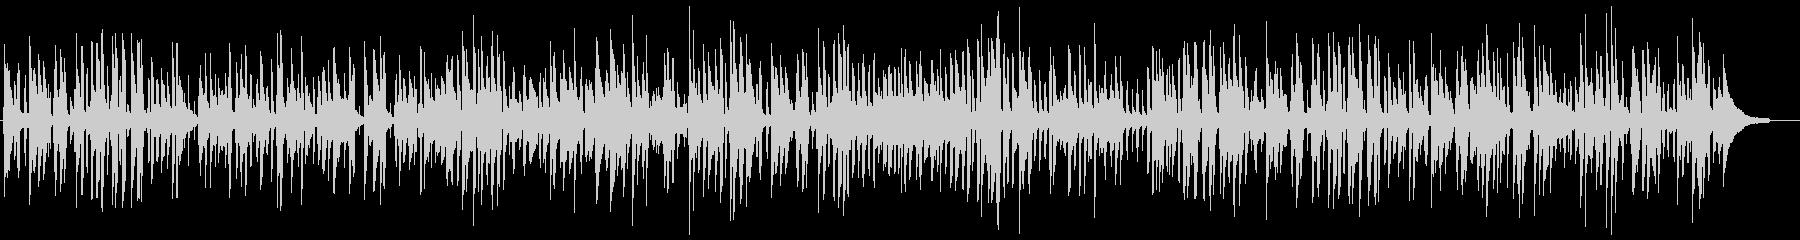 おしゃれなバーのソフトピアノジャズの未再生の波形